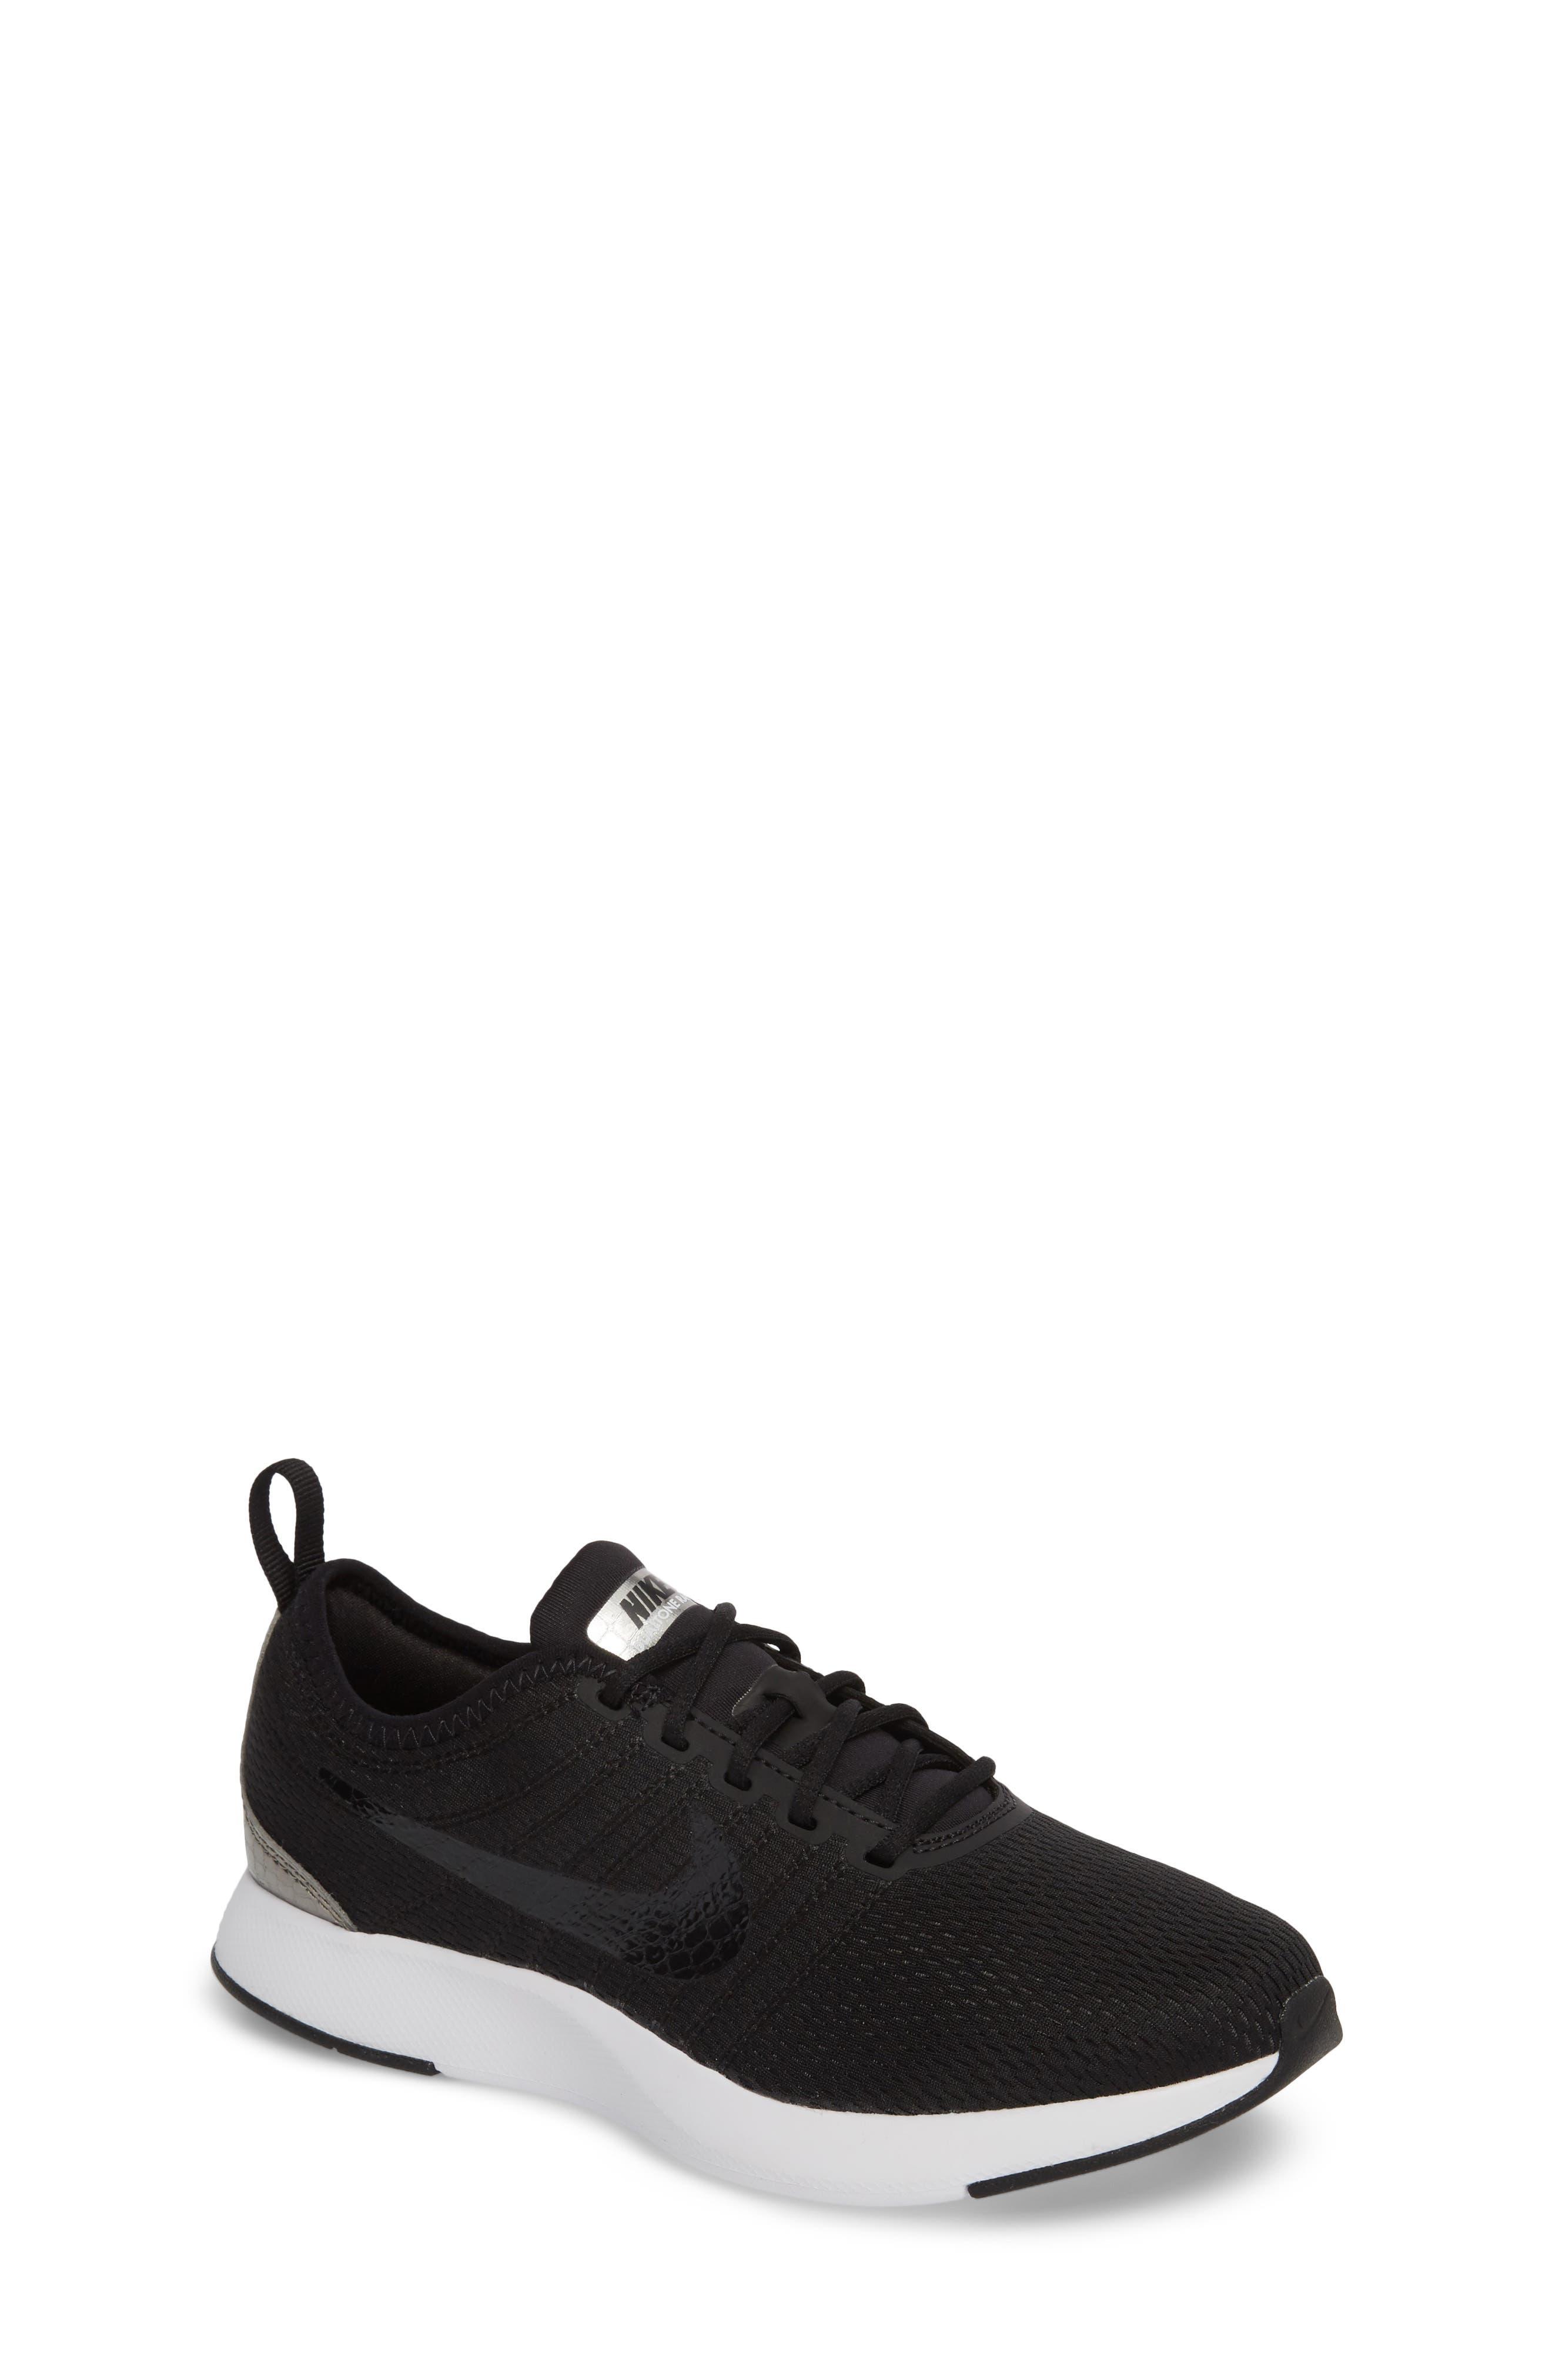 Dualtone Racer GS Sneaker,                         Main,                         color, 009